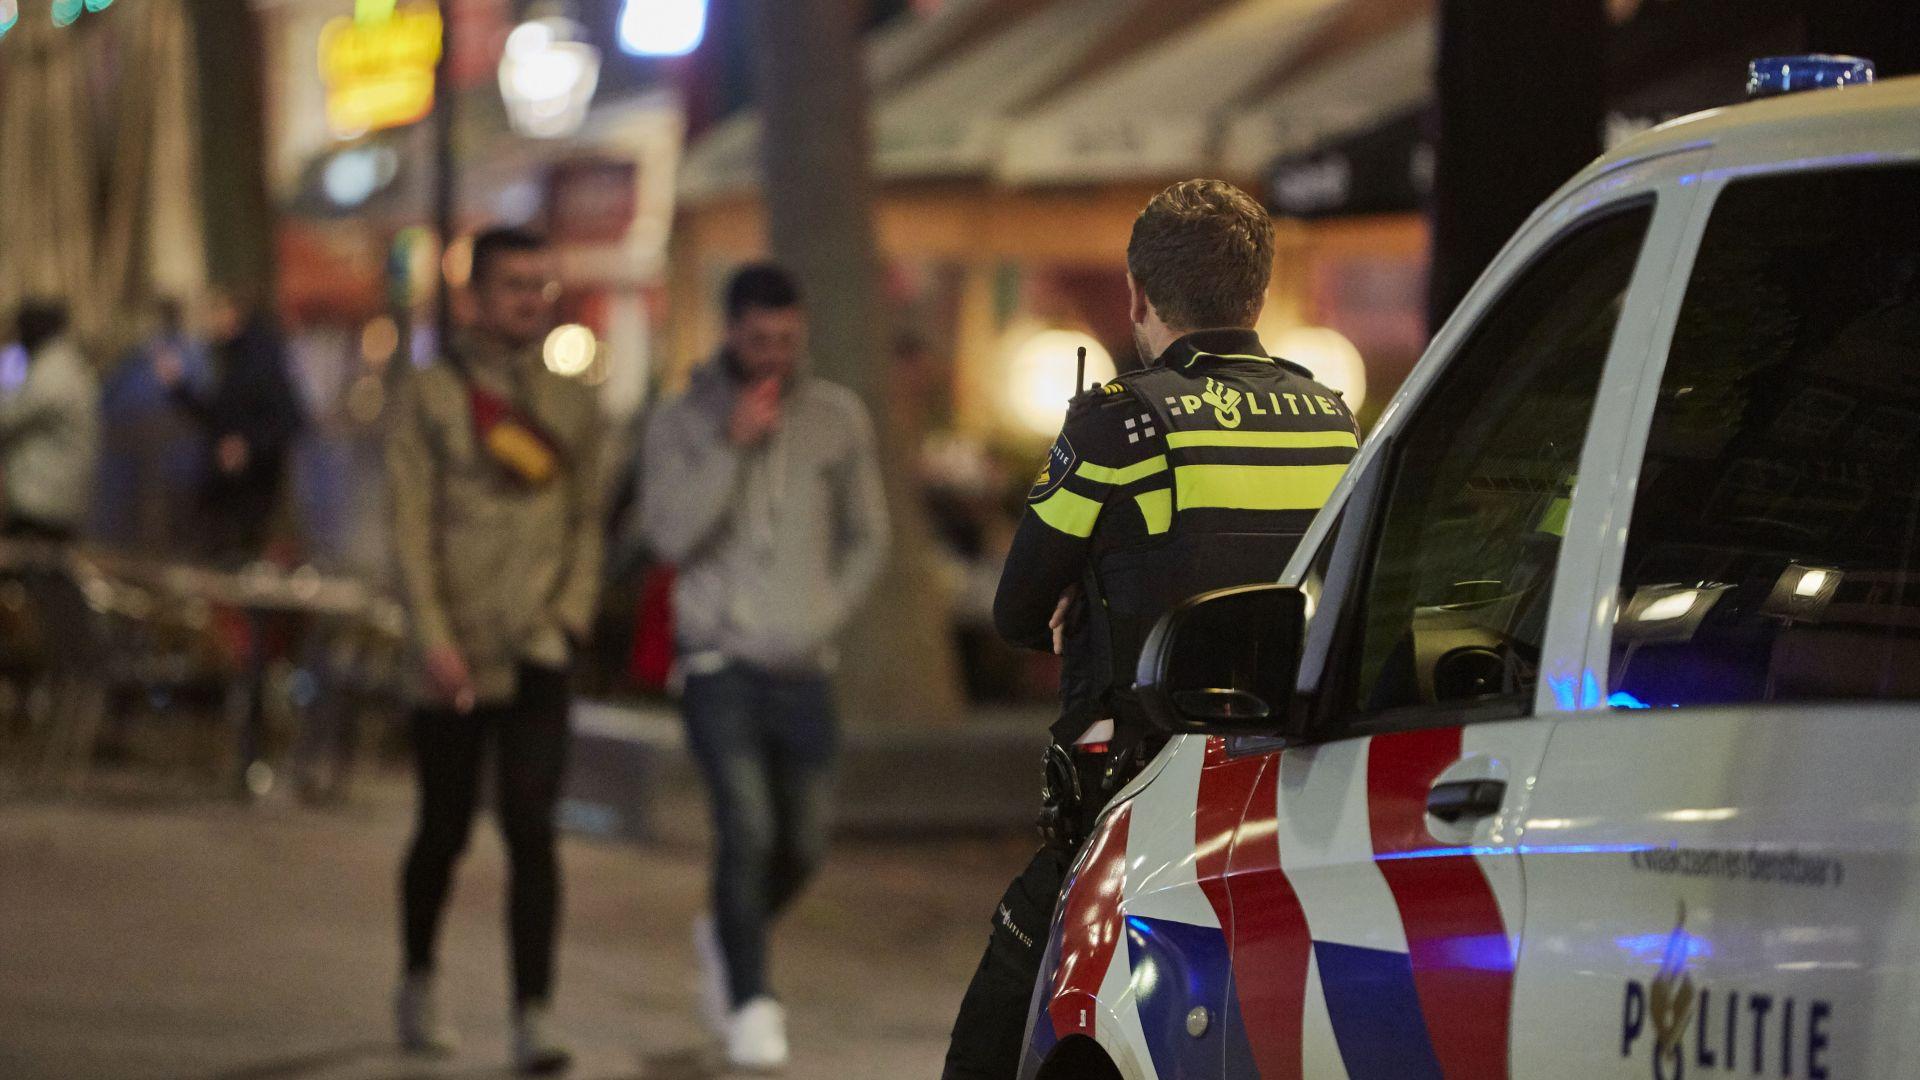 Един загина, а четирима са ранени след нападение с нож в Амстердам (снимки)